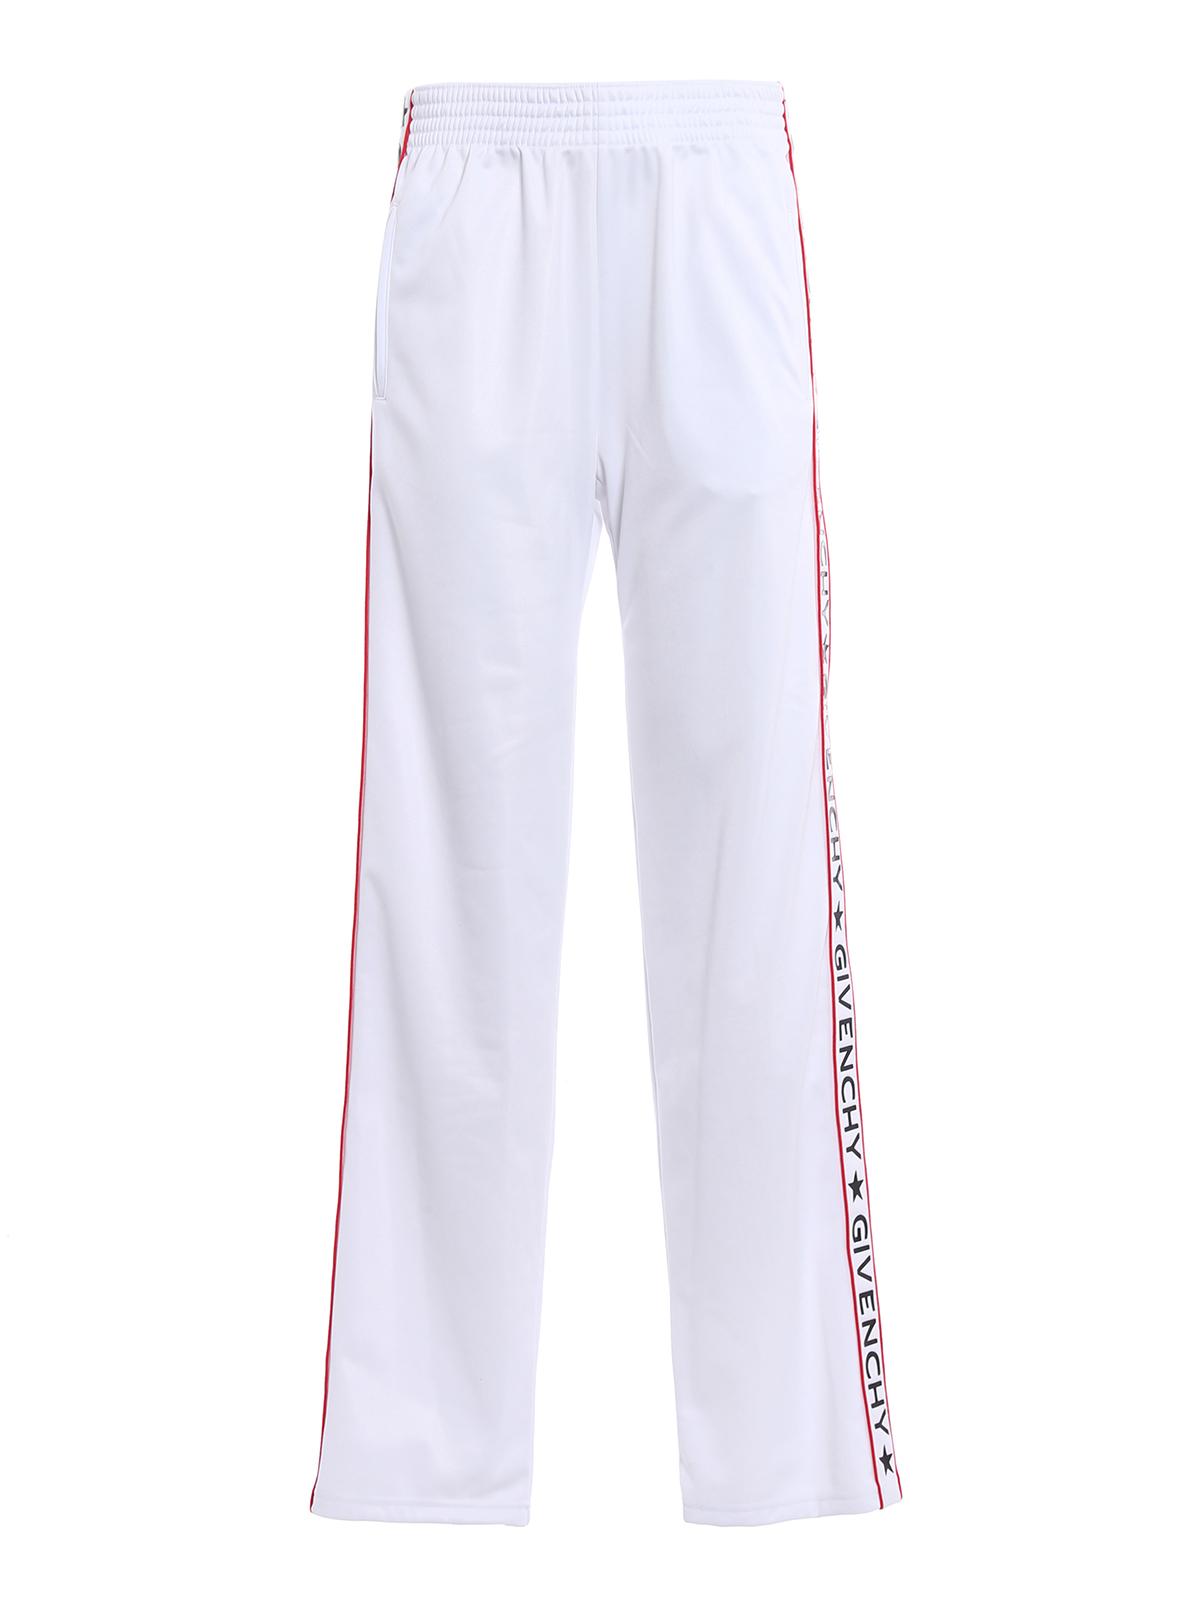 Givenchy Para Pantalones Blanco Chándal Mujer Pantalón IDY2eWEH9